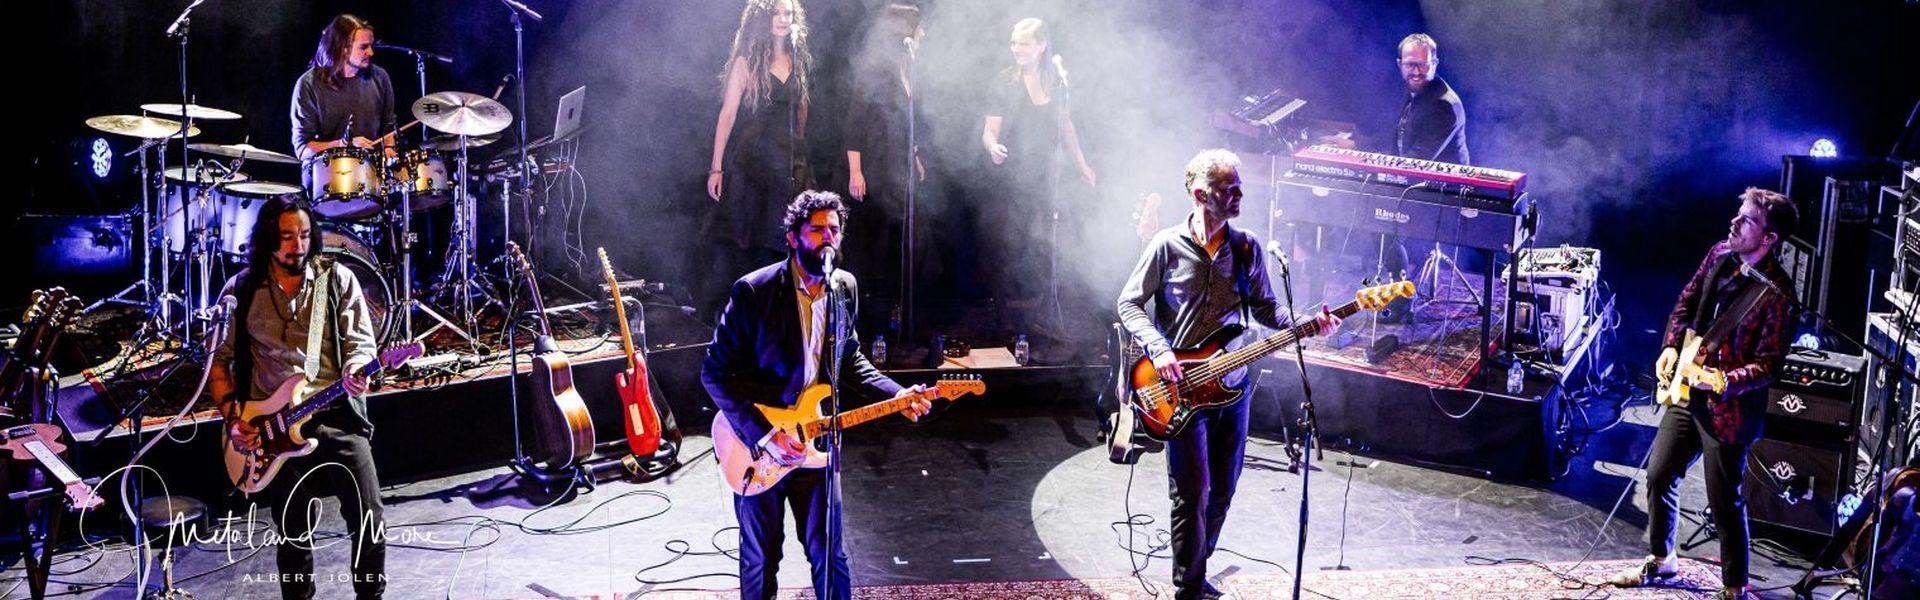 Al decennia lang inspireert de muziek van Pink Floyd generaties van muziekliefhebbers én muzikanten.  Met hun show Which One's Pink geeft Infloyd een eerbetoon aan de compositie en de sound, maar live zoals Pink Floyd dat in die jaren zelf deed: spelend met de materie tot een nieuwe momentopname. Voor elke muziekliefhebber een niet te missen concert.